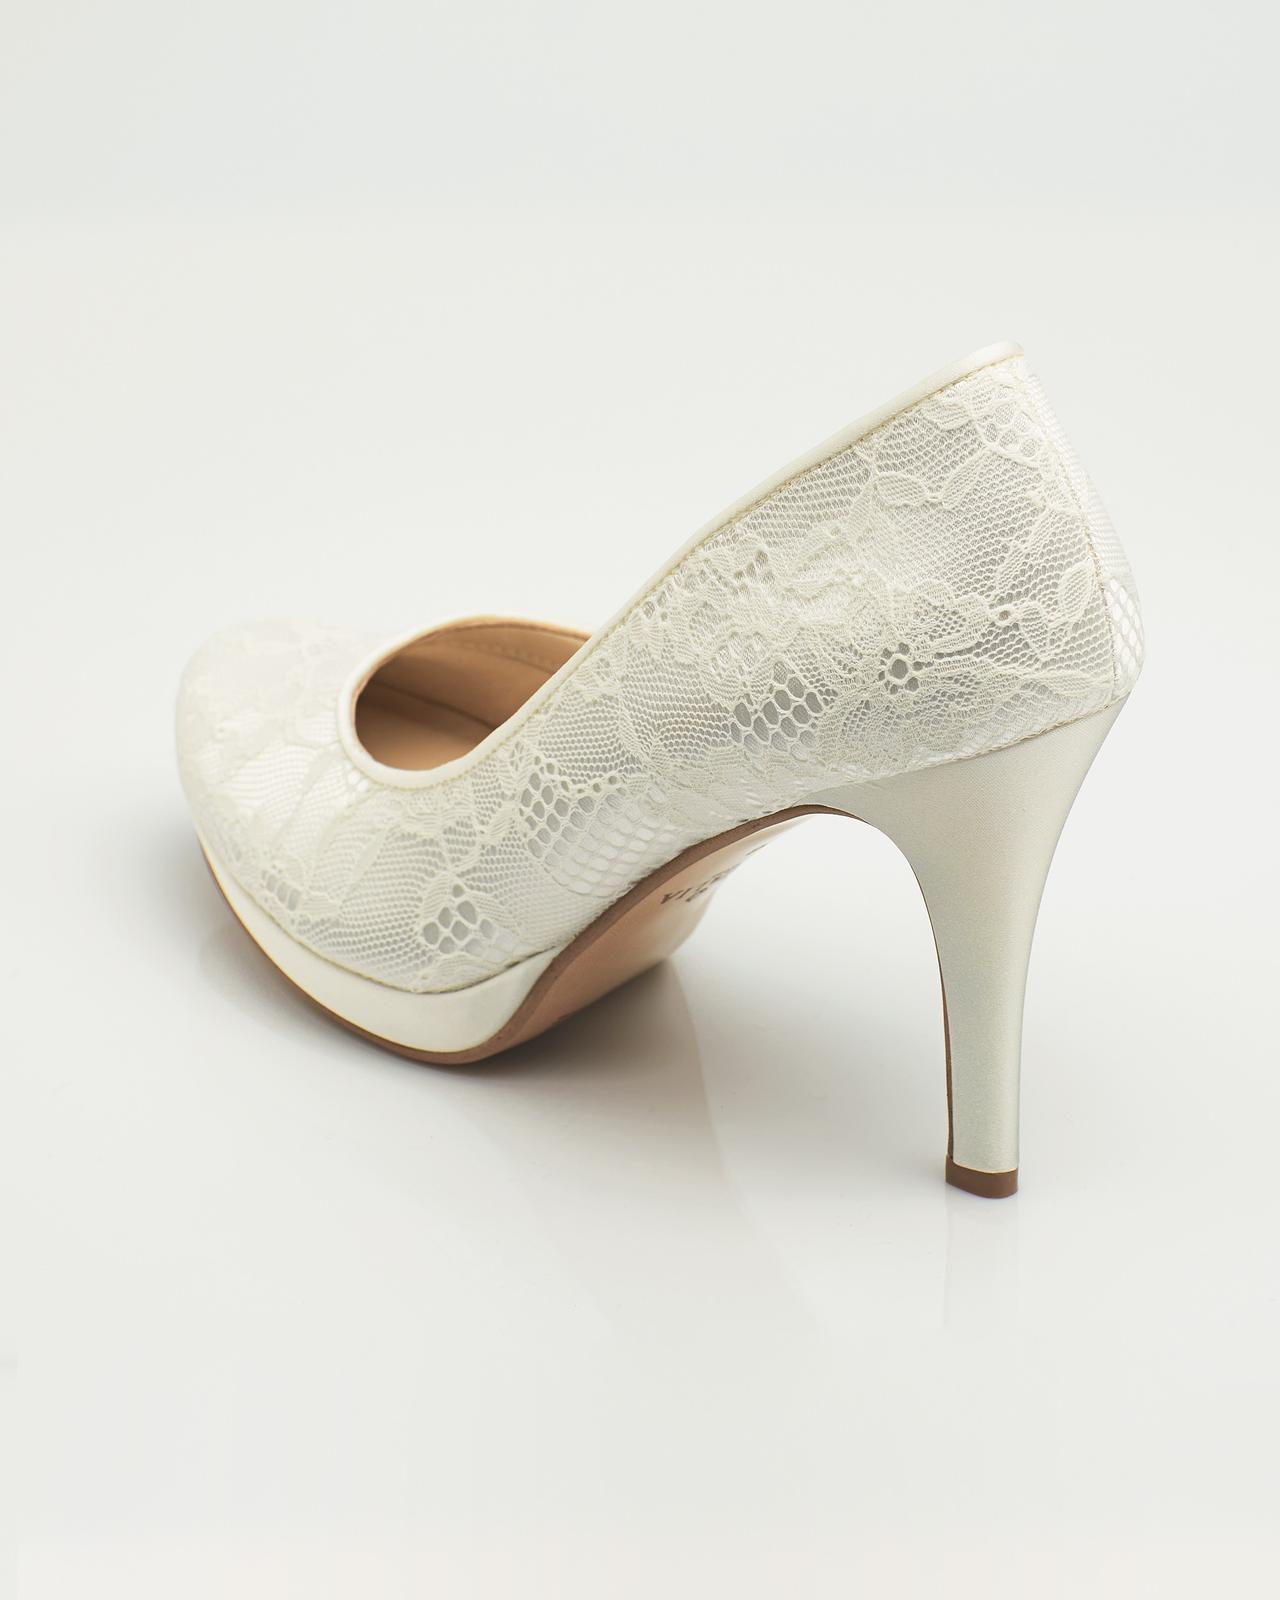 Svadobné topánky Suri - Obrázok č. 2